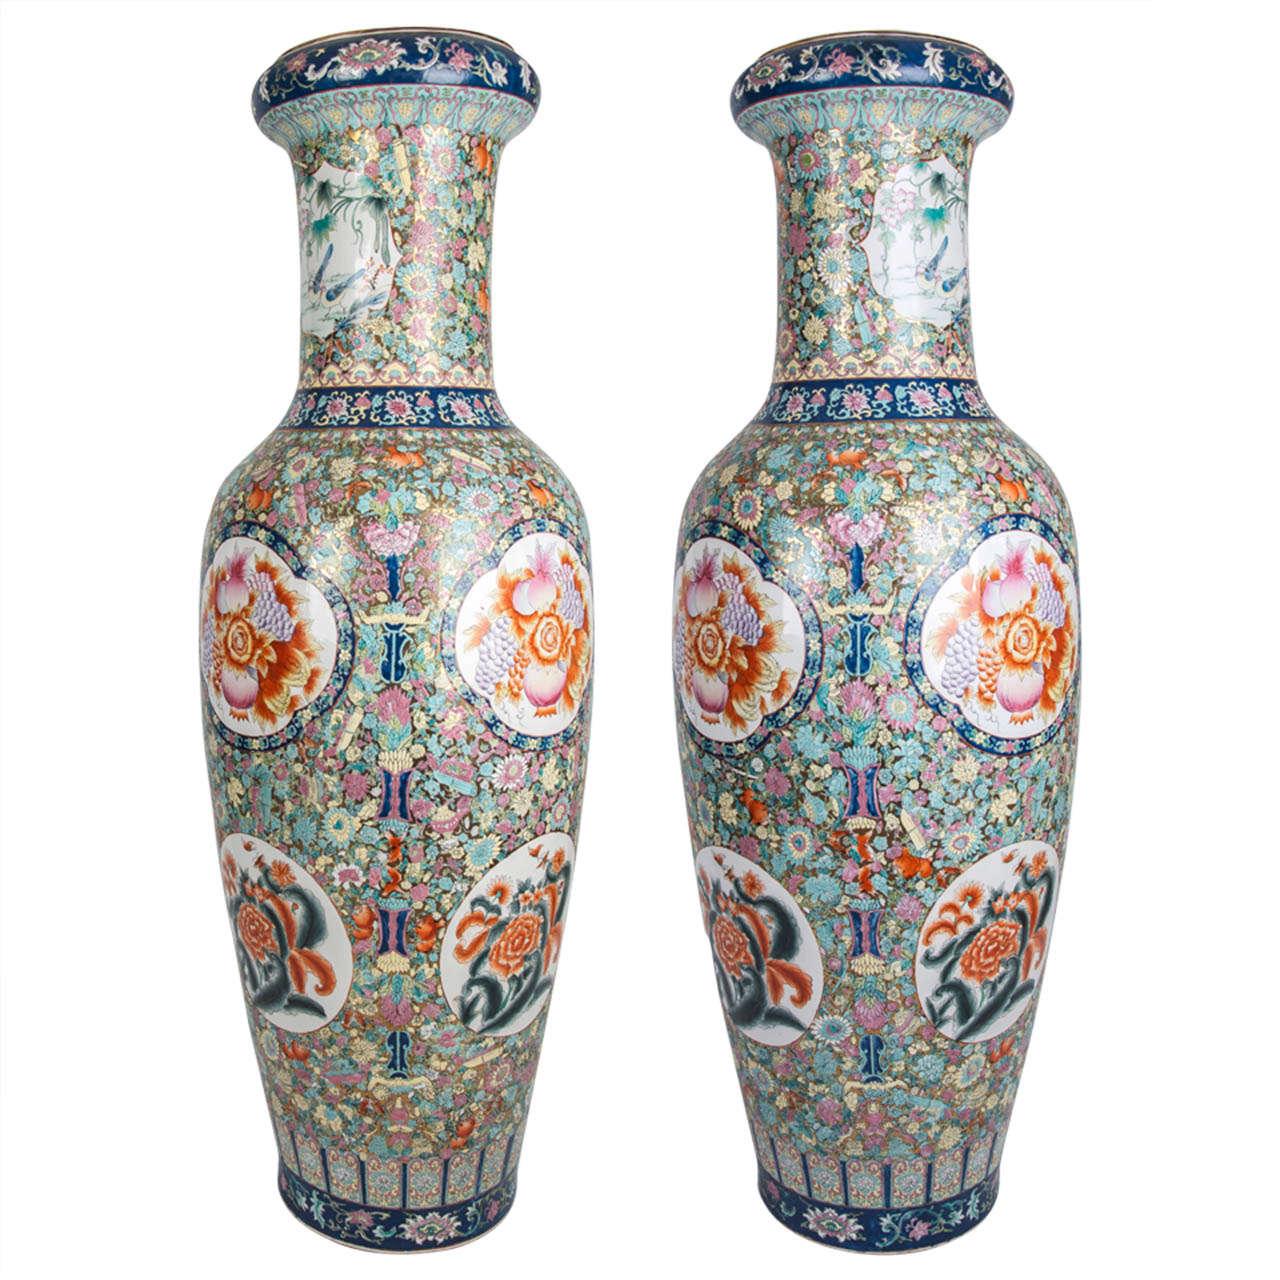 Tall Floor Vases 7 For Sale On 1stdibs